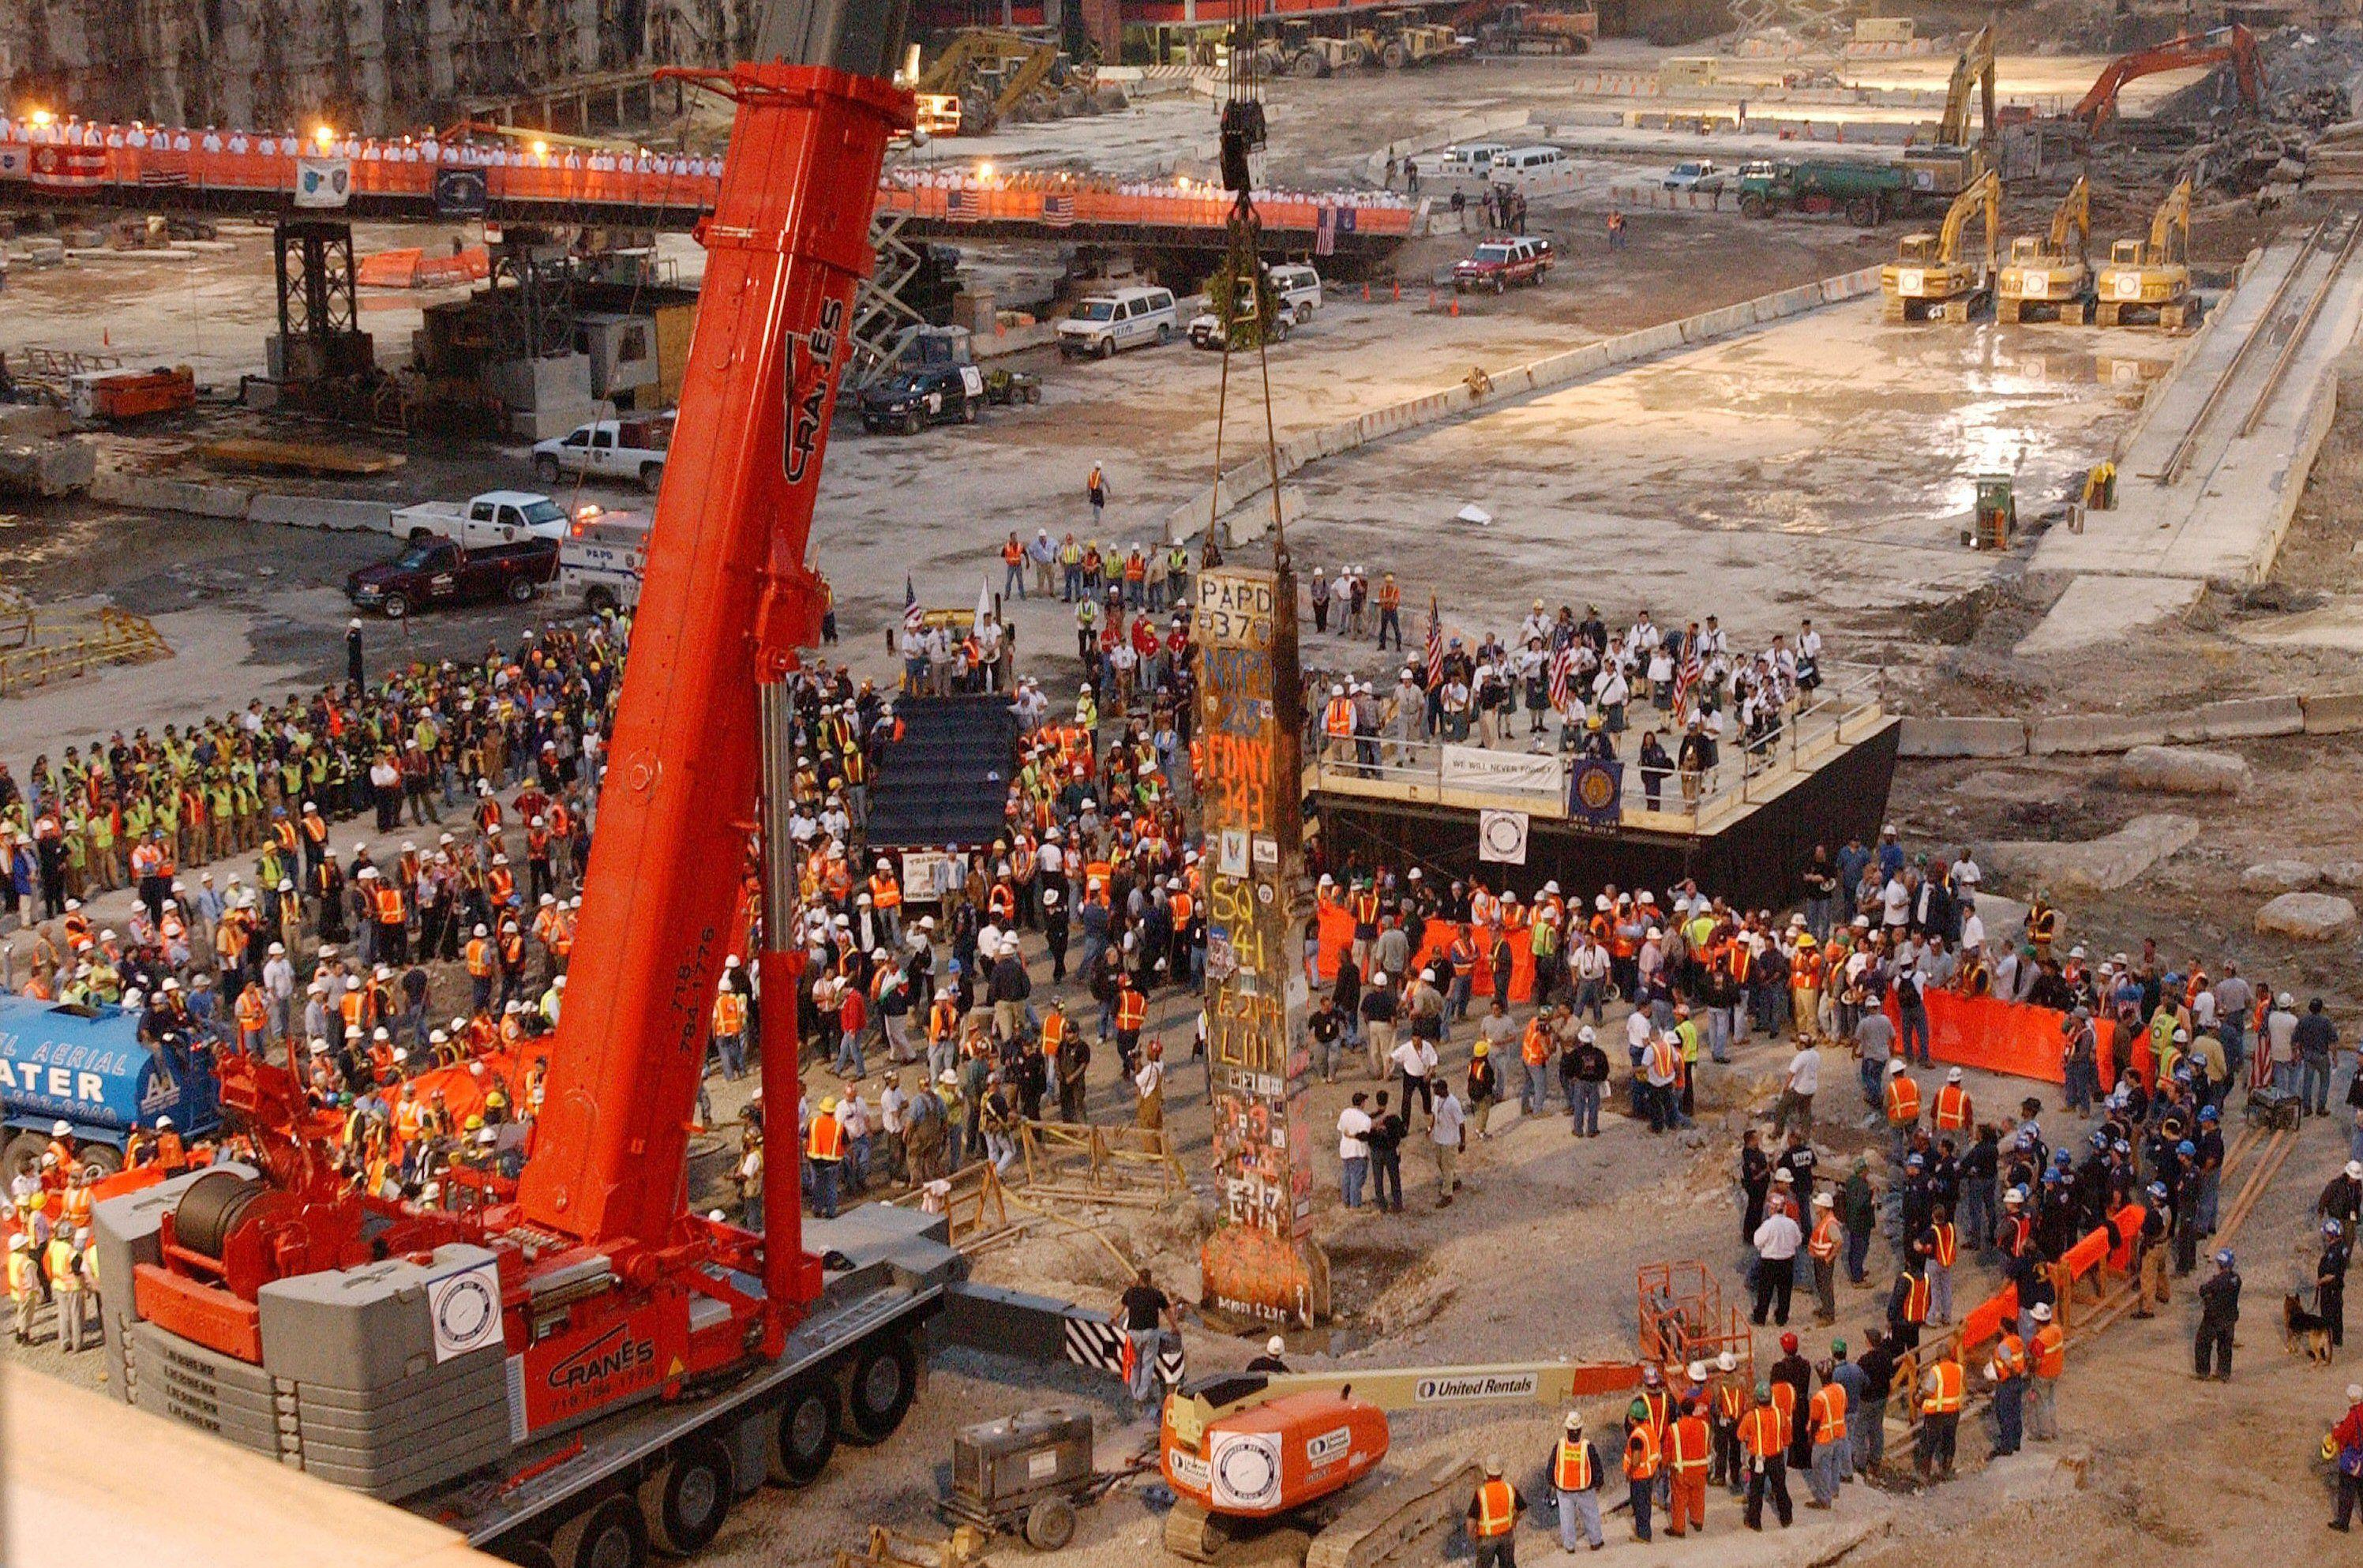 construction site crane with broken beam, workers surrounding it, platforms overlooking ceremony